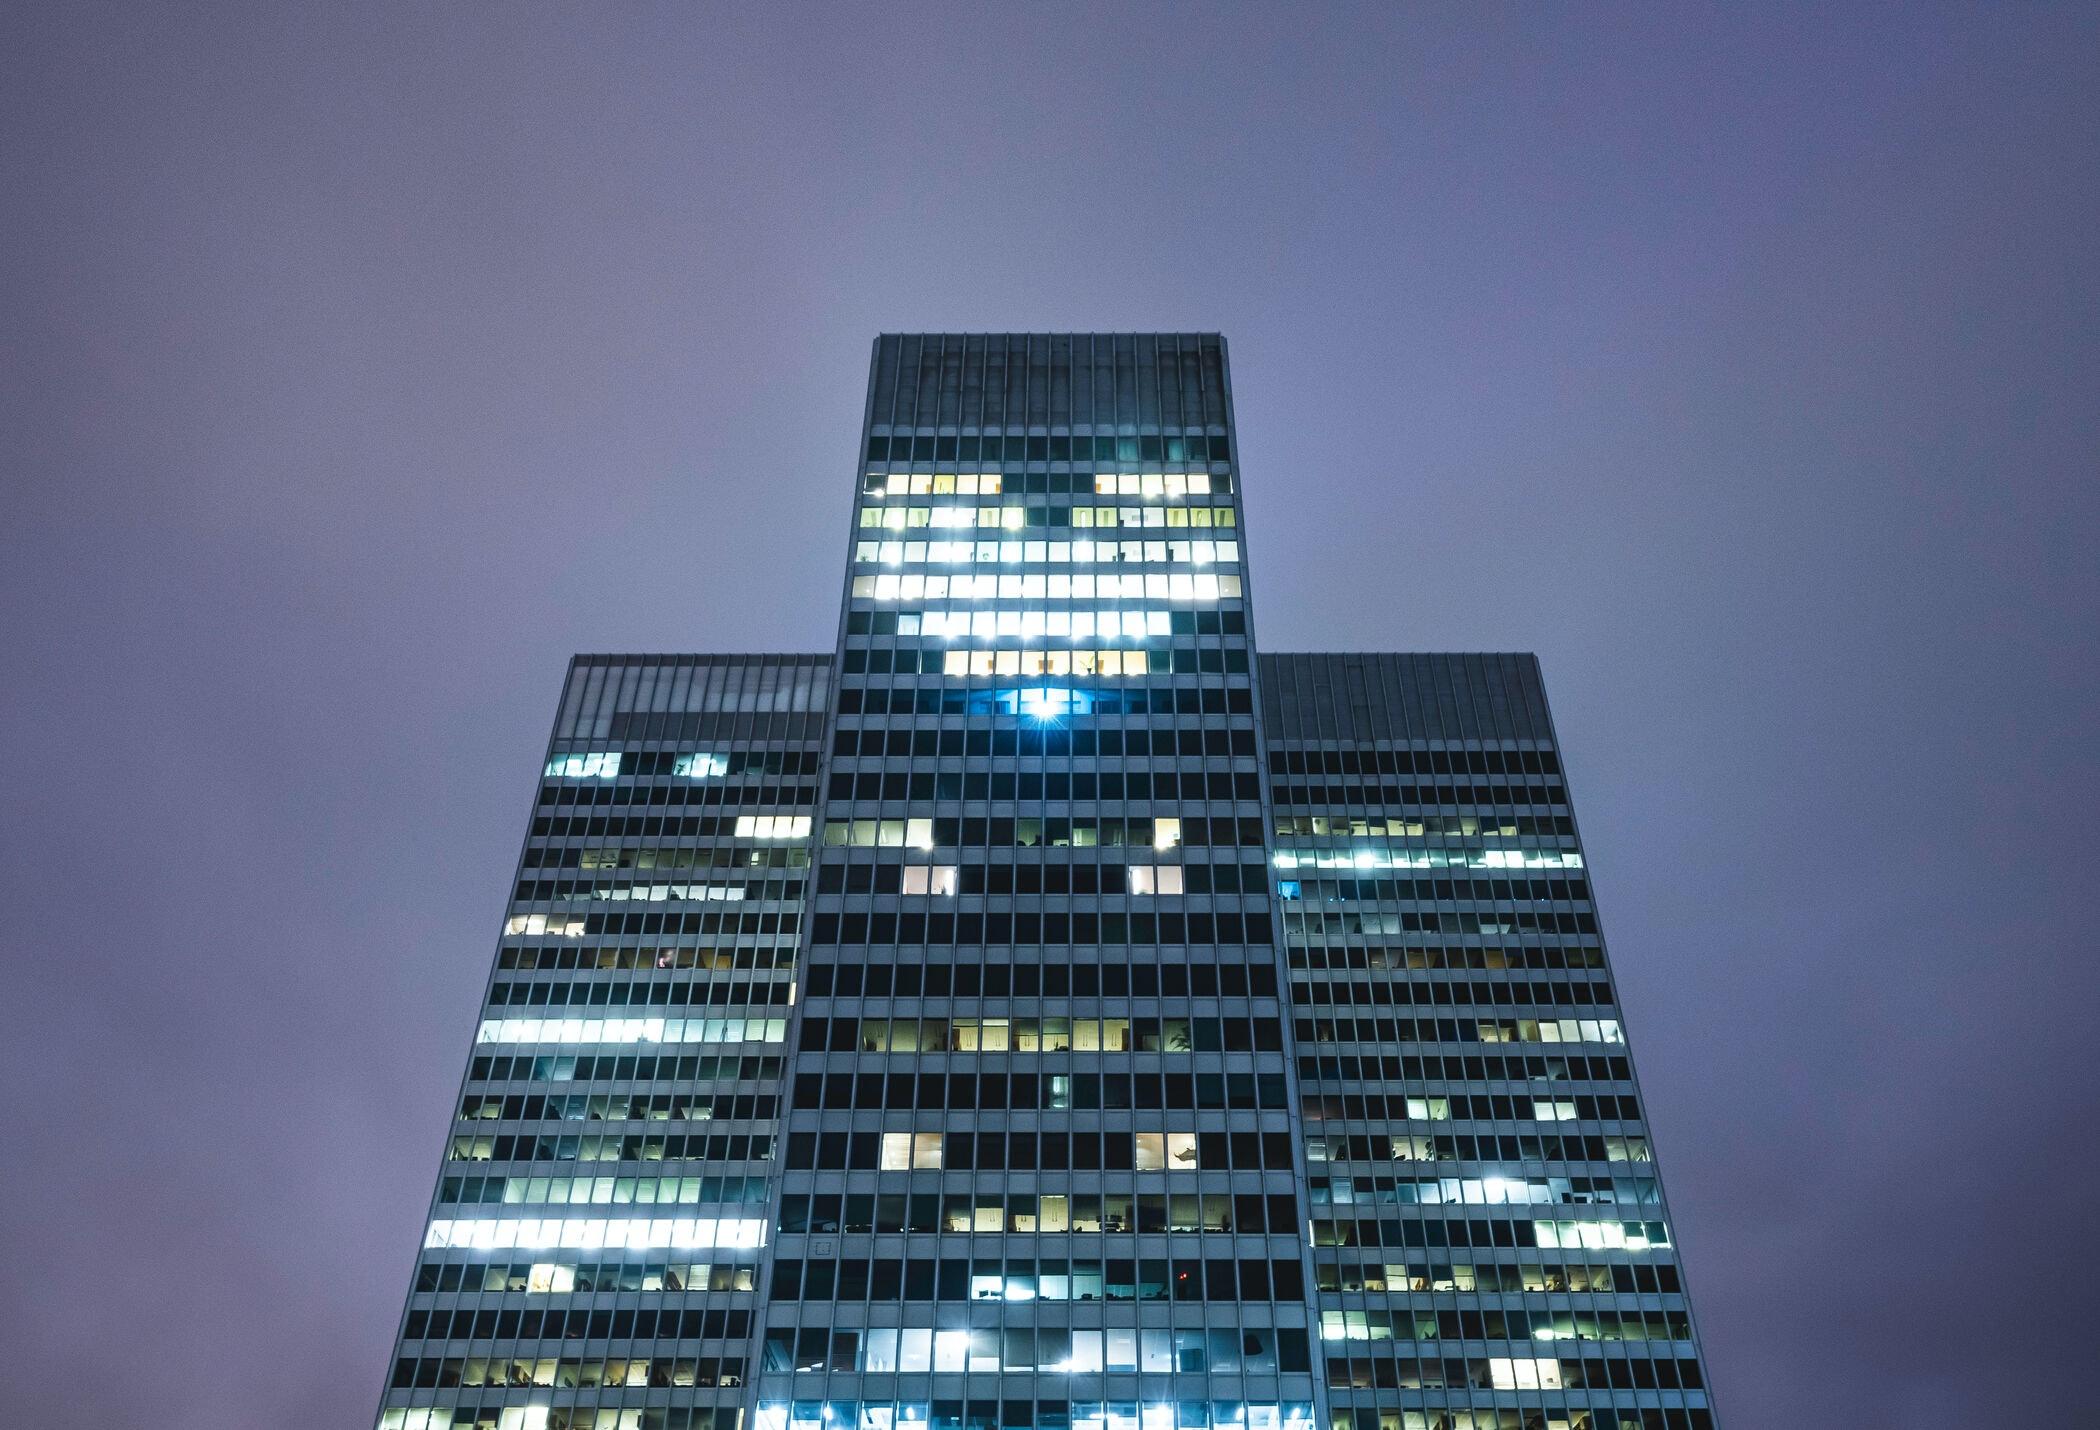 Les fenêtres de Place Ville Marie, à Montréal, se sont illuminées en signe de soutien aux travailleurs essentiels.